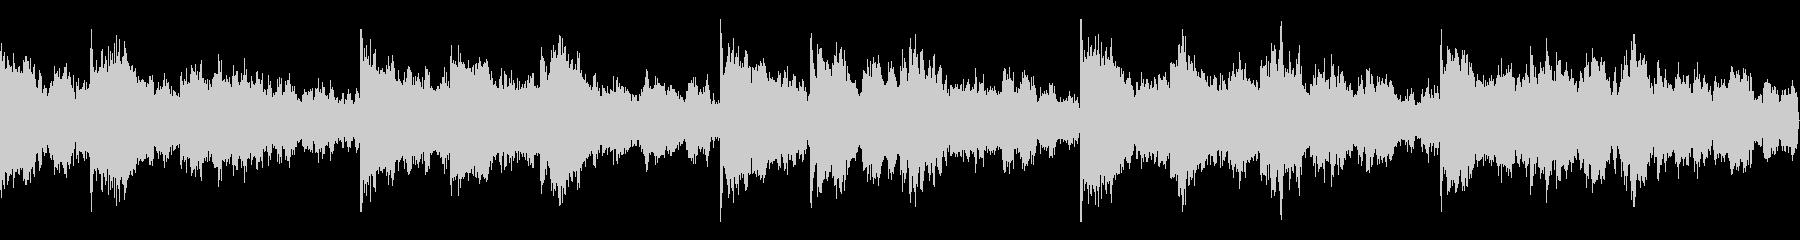 ループ素材_無機質・ホラーの未再生の波形